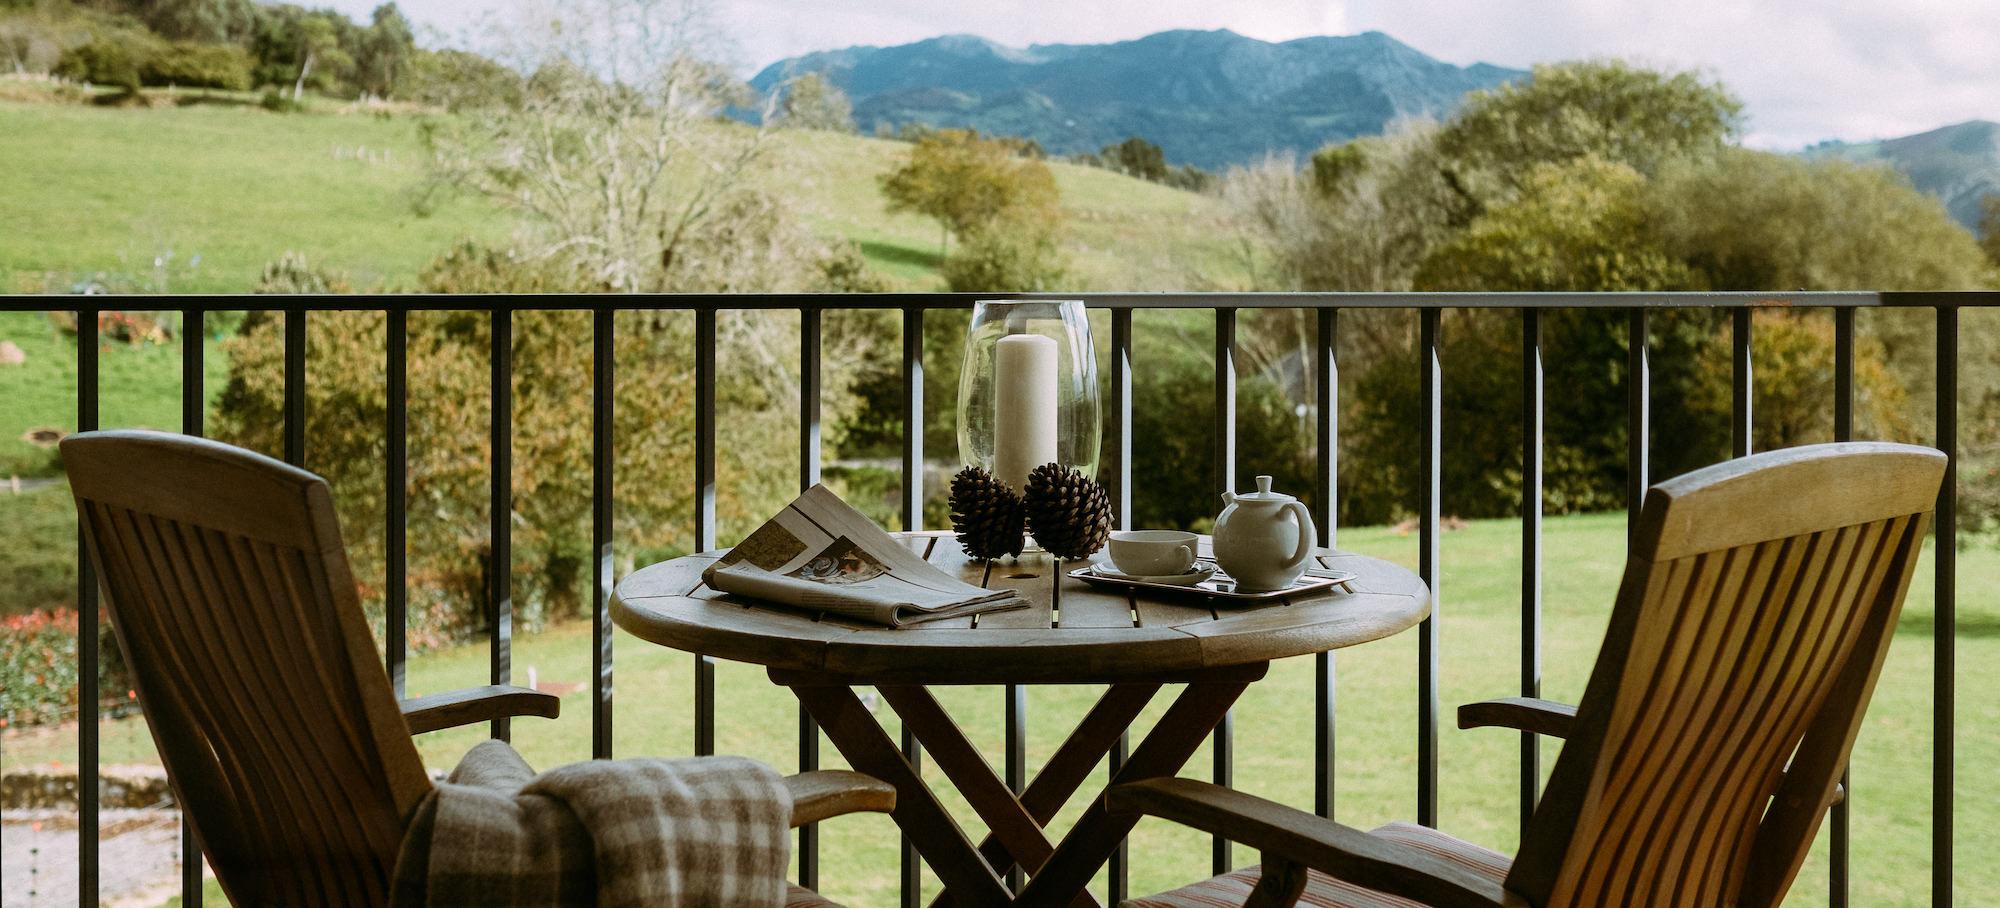 el gran sueño terraza bedroom - terrace